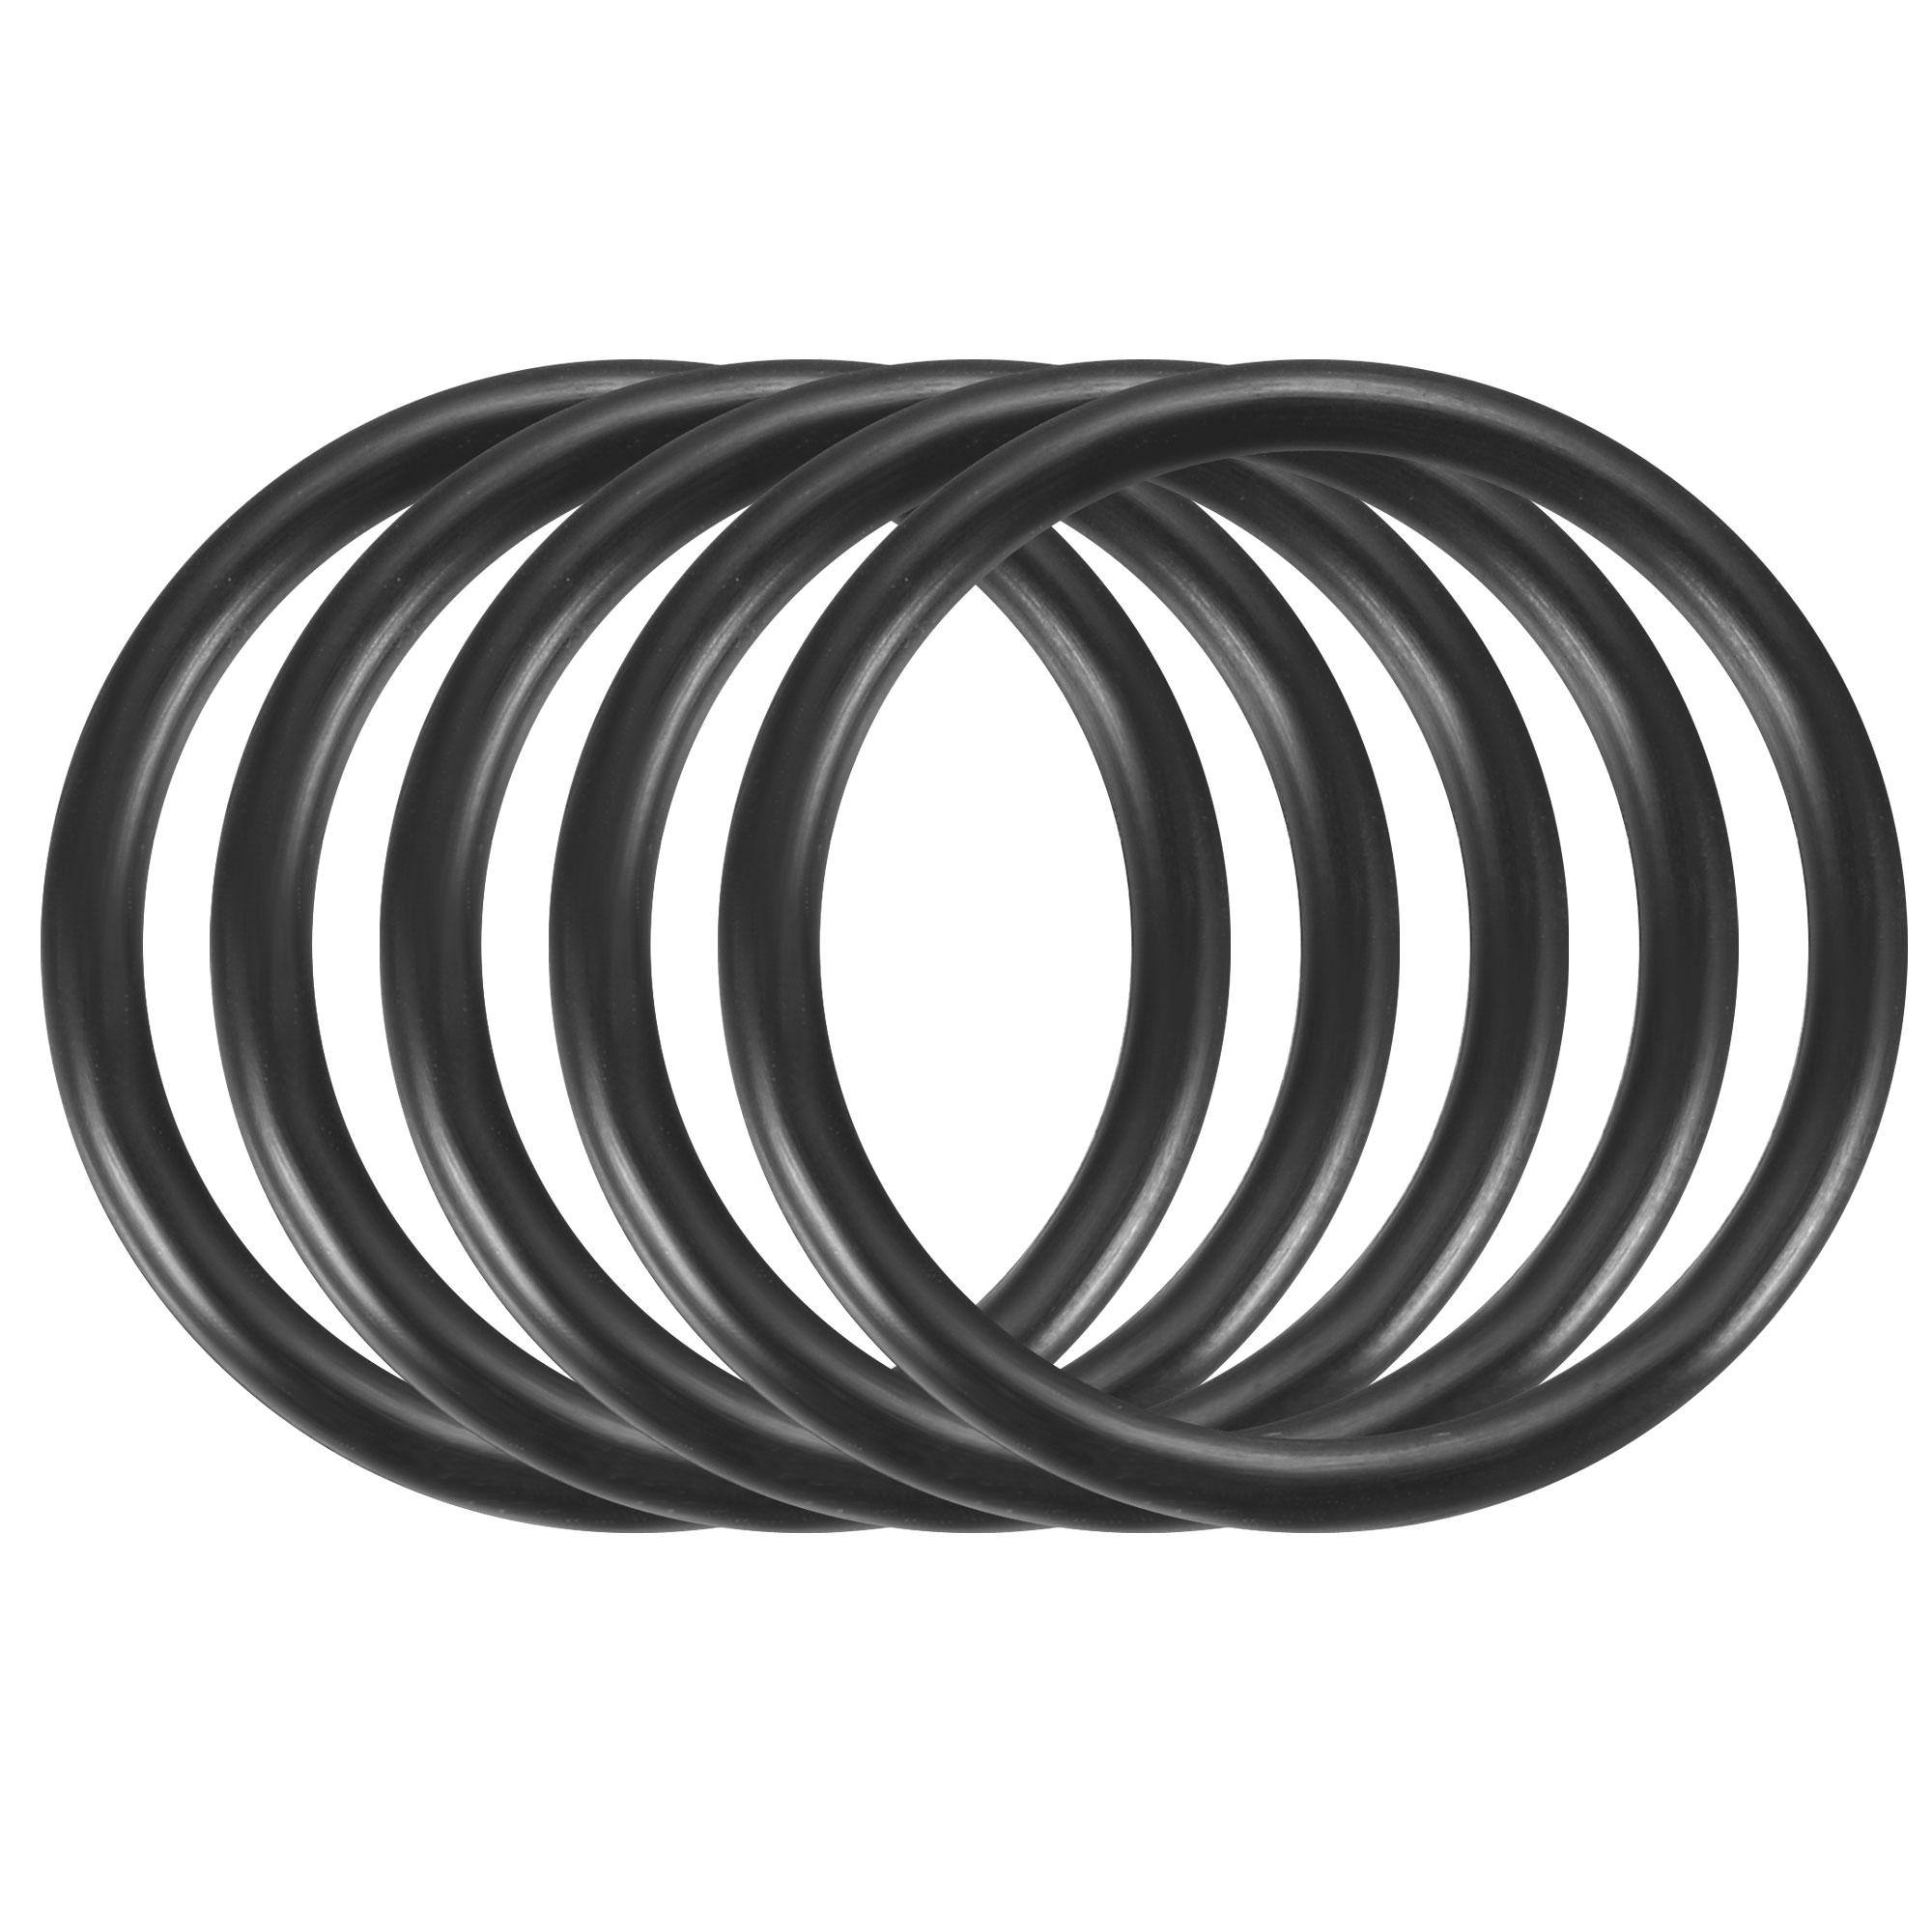 30pcs Black Nitrile Butadiene Rubber NBR O-Ring 23mm Inner Dia 2.5mm Width